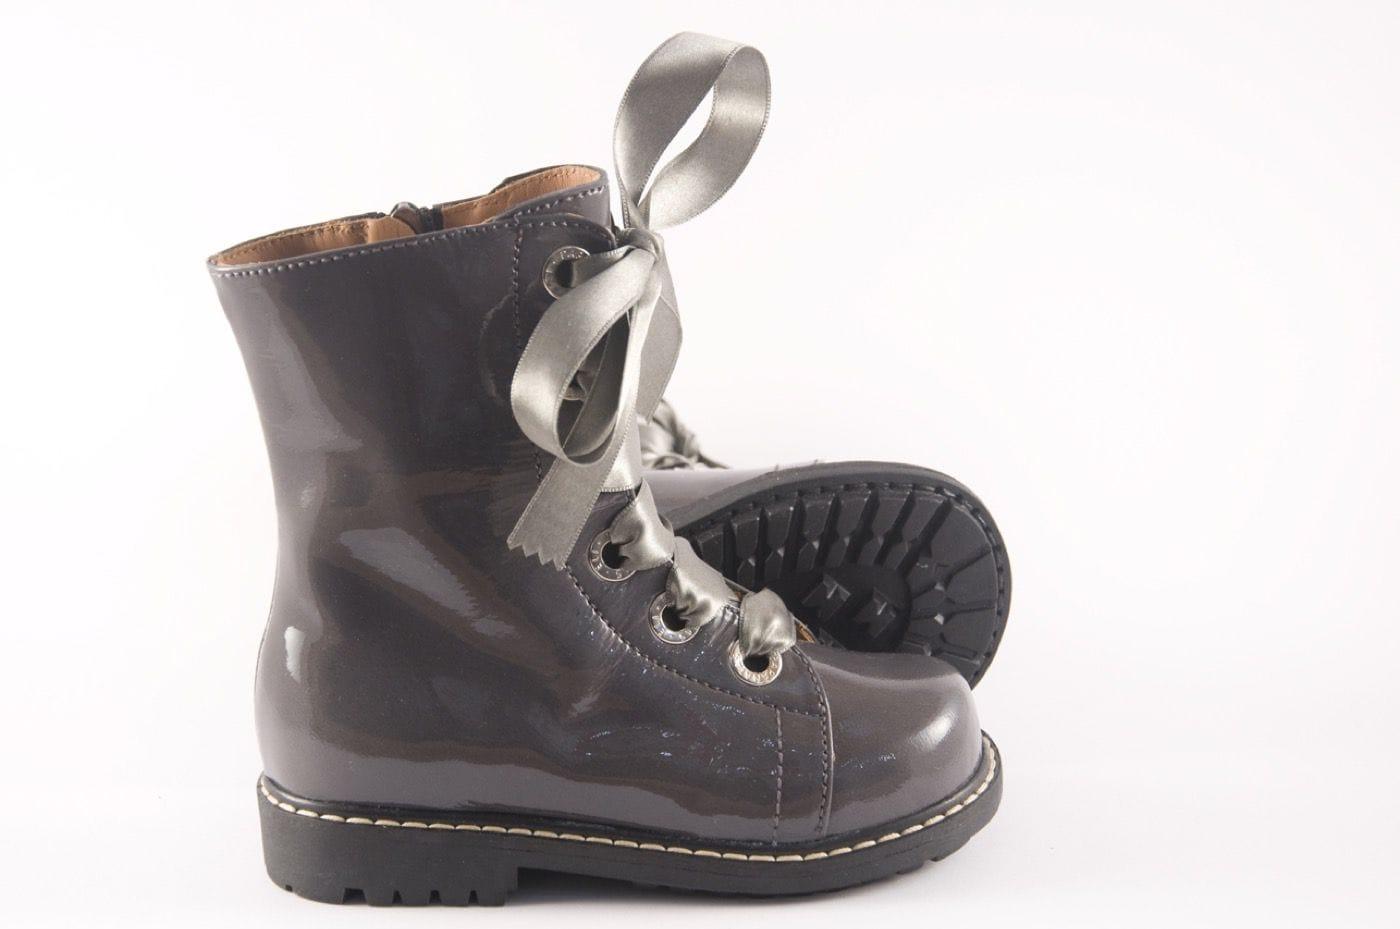 4d82318a44d Bota Zapato Comprar Botines Alta Color Gris Tipo Joven Estilo Niña nYRBfqR6